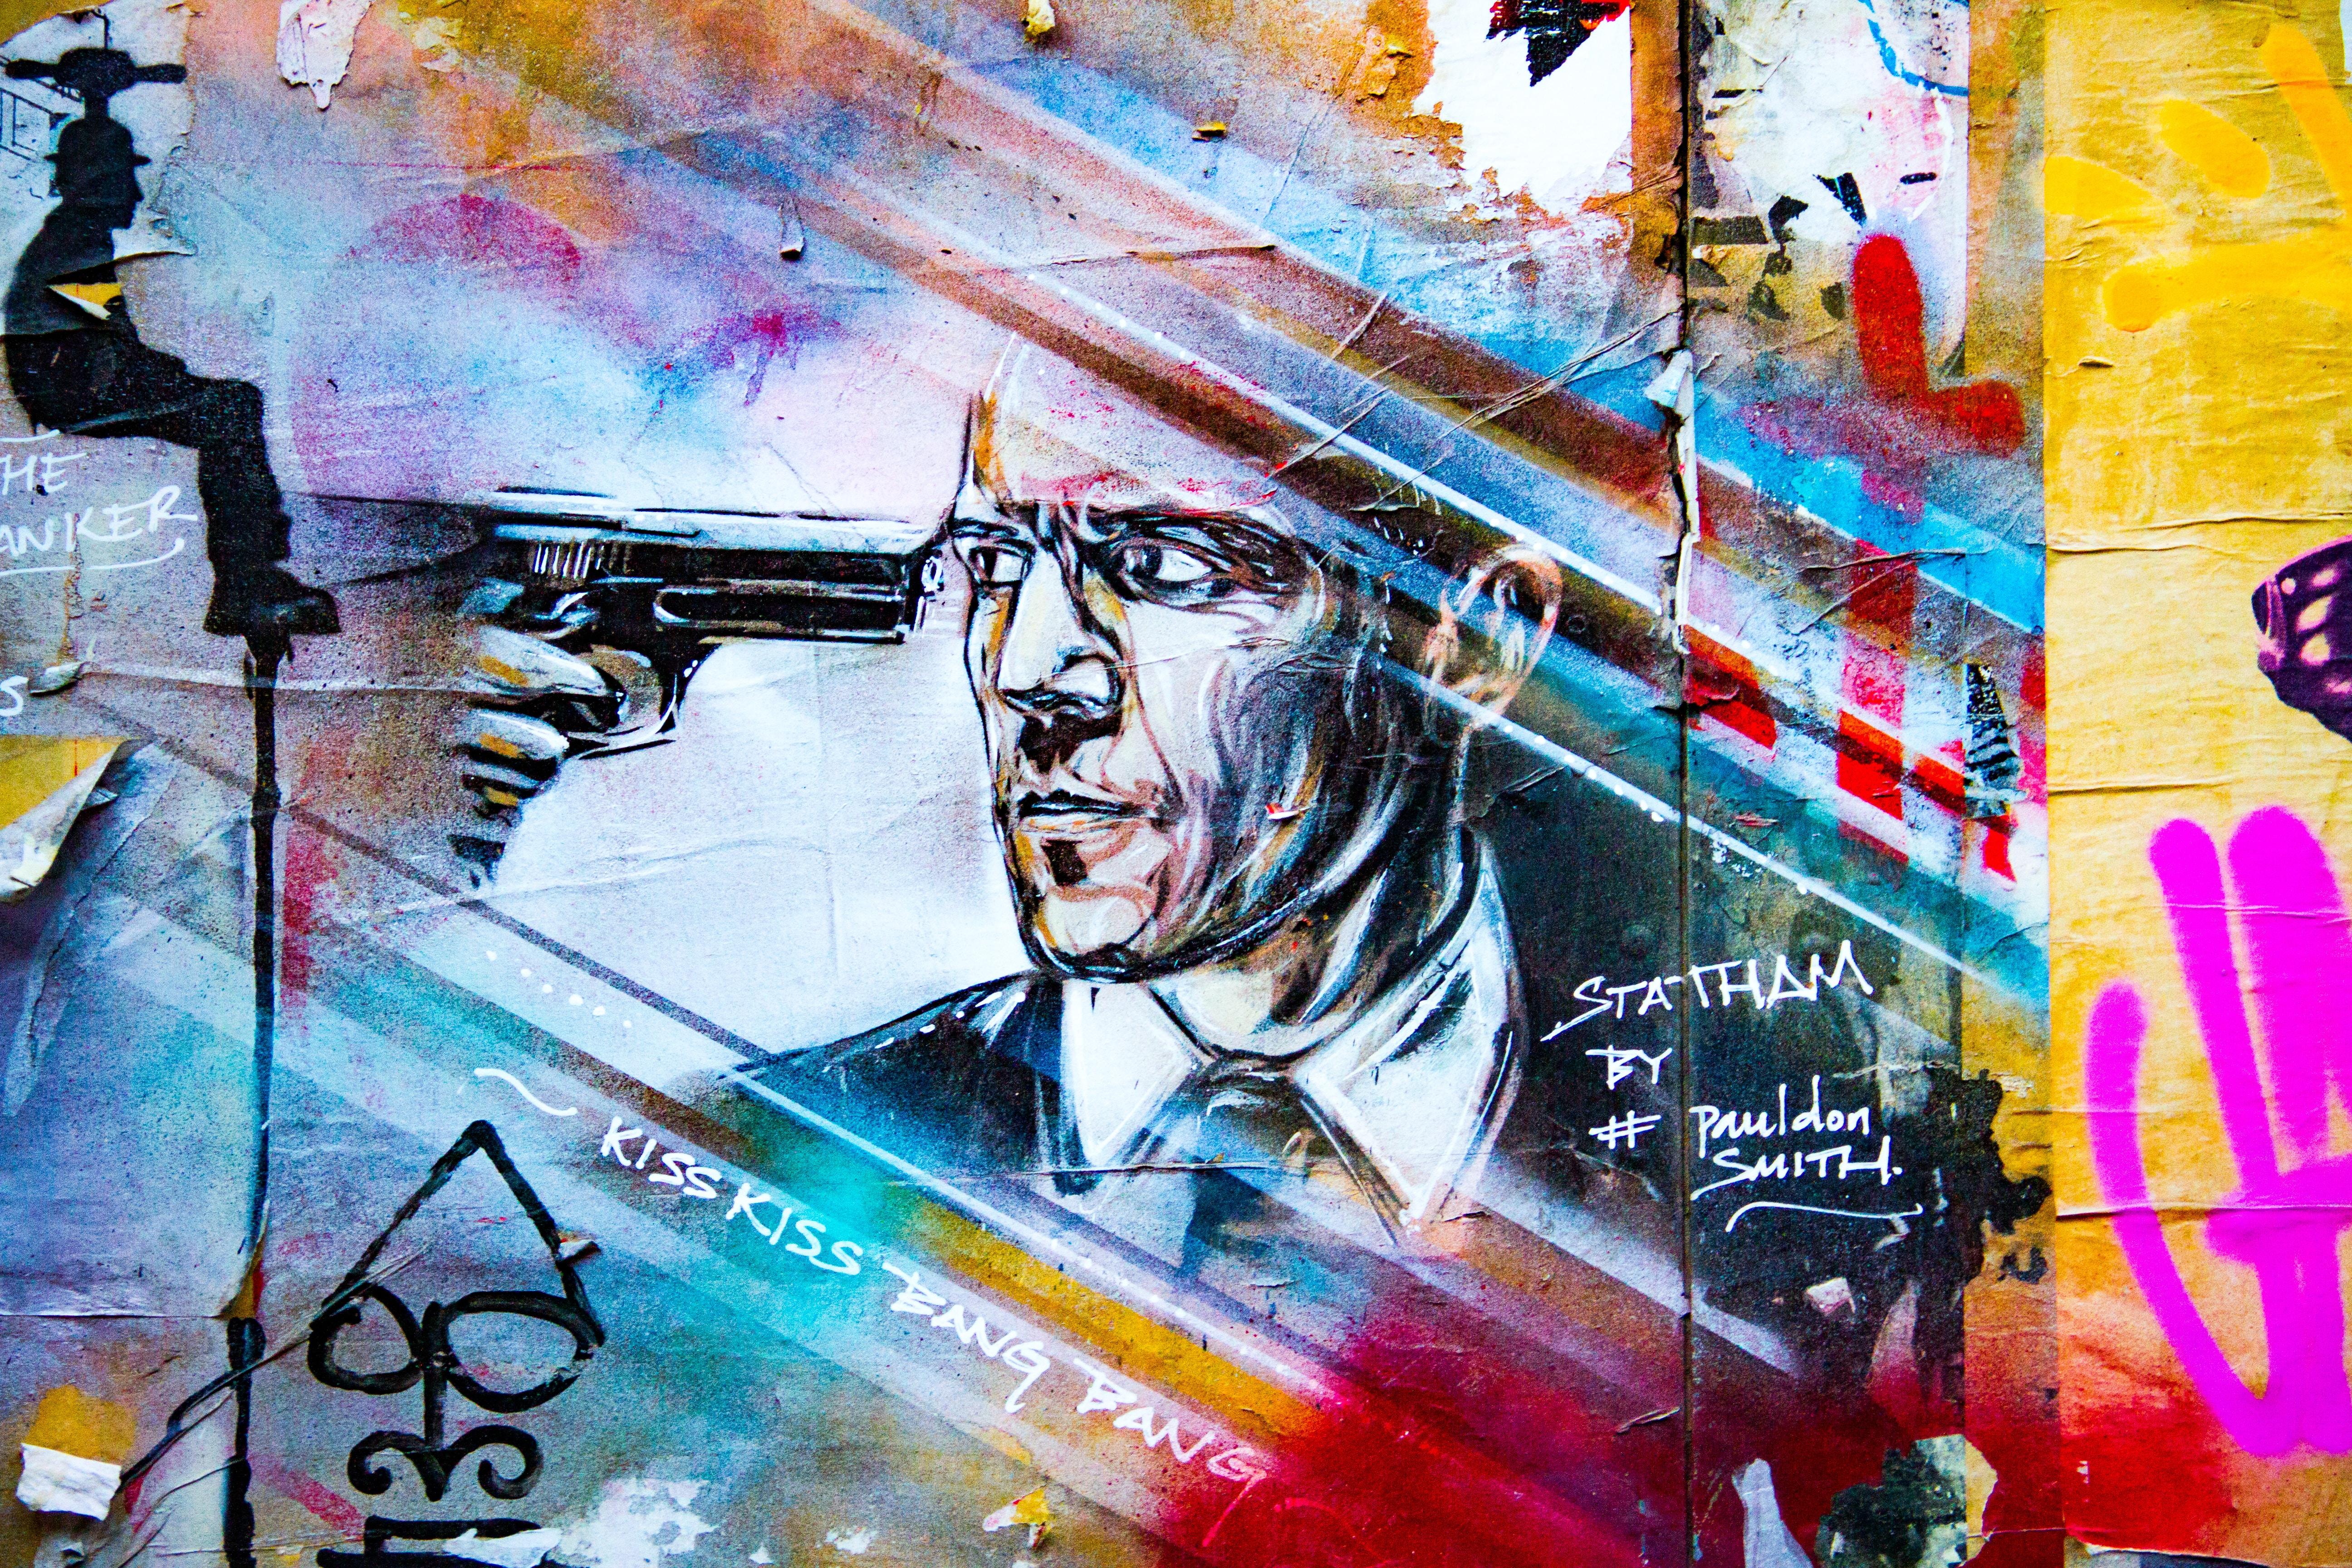 gun pointed on man's eye painting